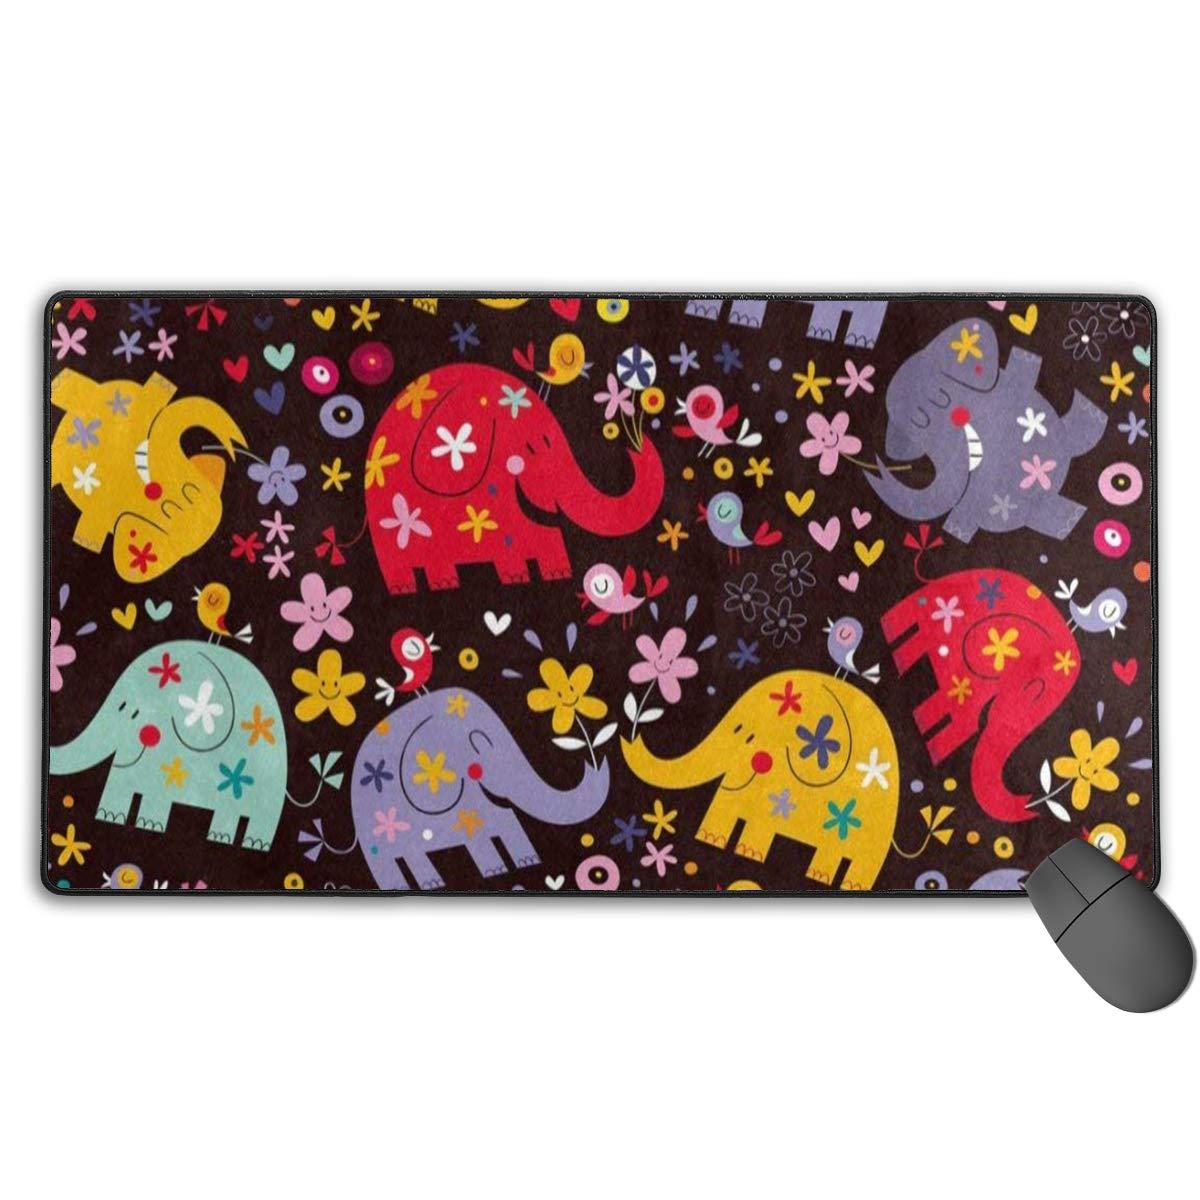 大型マウスパッド カラートル海洋 滑り止めゴムマウスパッド ゲームパッド 29.5x15.7インチ one size B07L7CD21Q パターン1